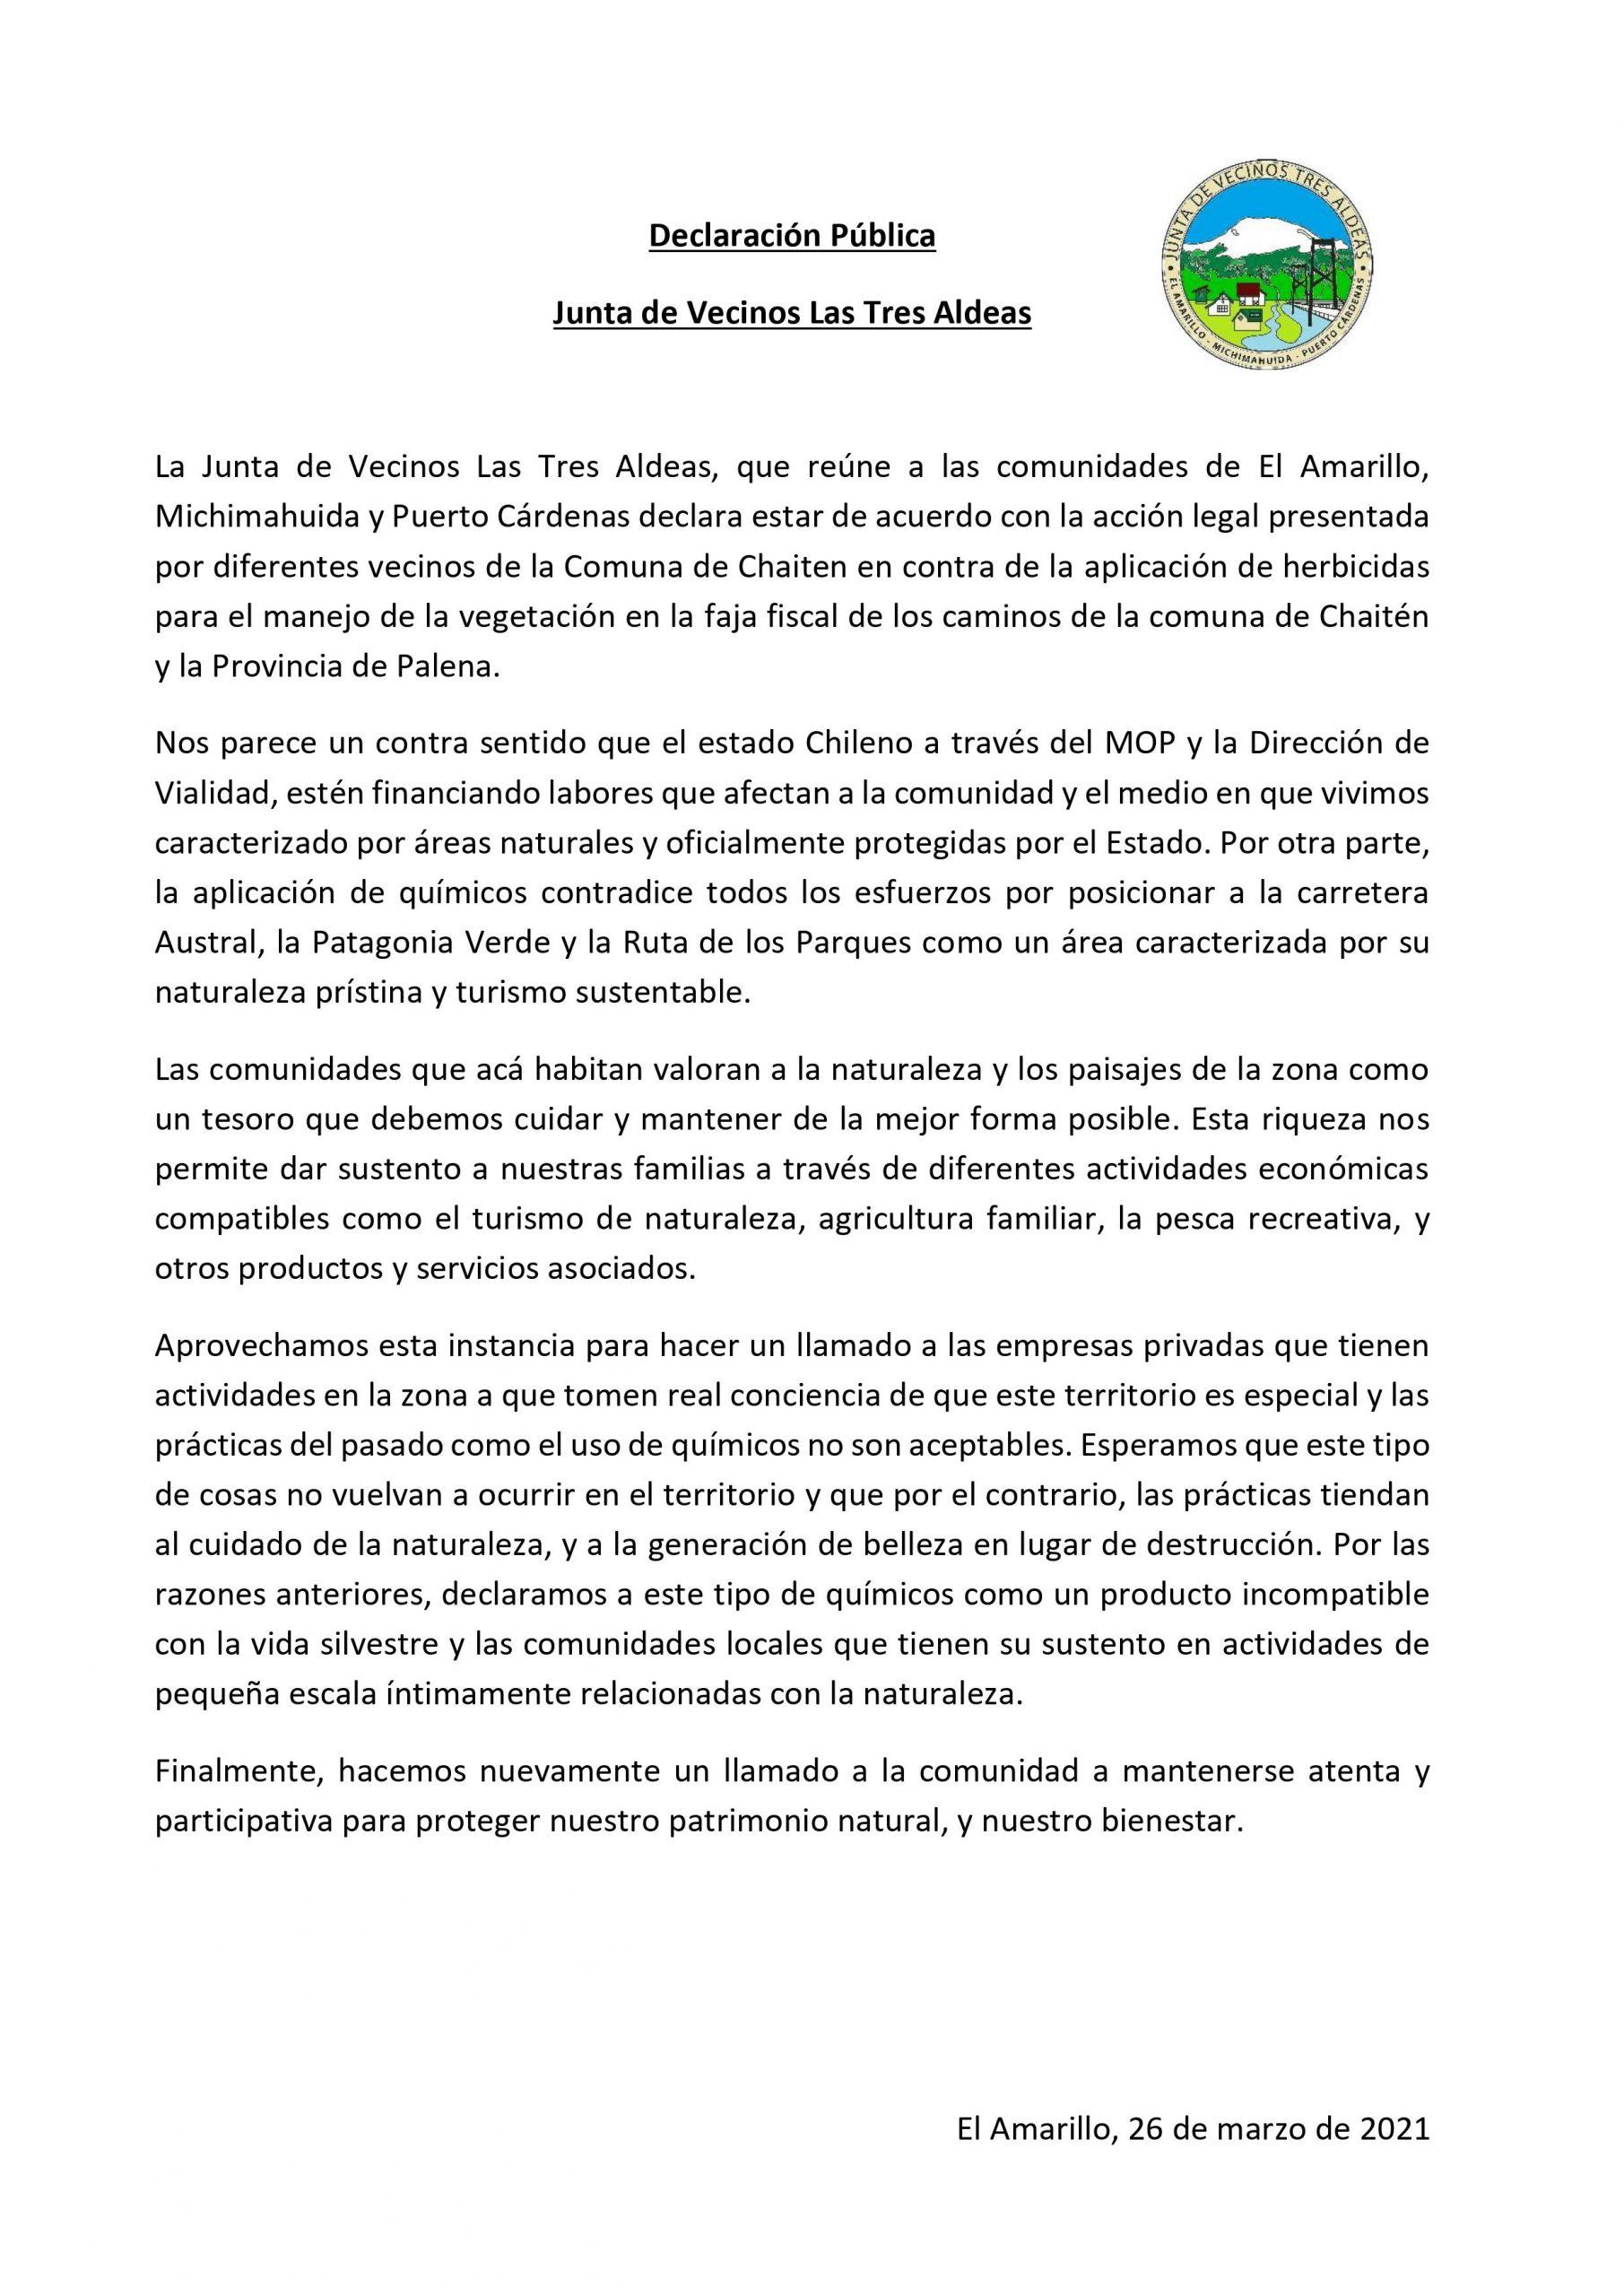 La Junta de Vecinos Las Tres Aldeas, que reúne a las comunidades de El Amarillo, Michimahuida y Puerto Cárdenas declara estar de acuerdo con la acción legal presentada por diferentes vecinos de la Comuna de Chaiten